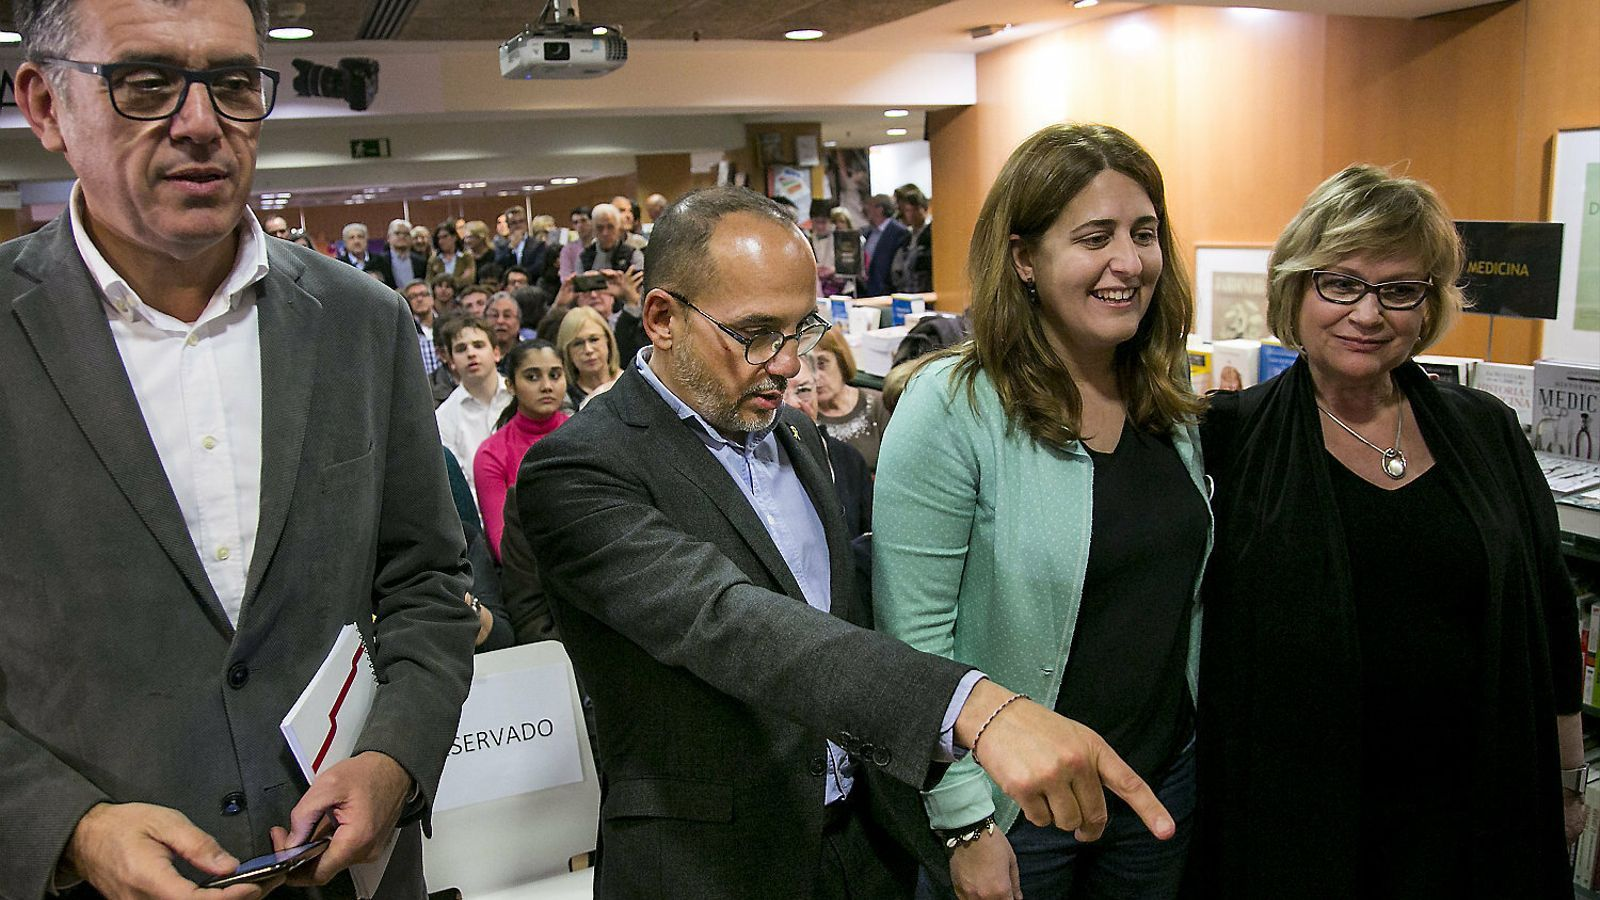 Lluís Recoder, Carles Campuzano, Marta Pascal i Esperança Esteve en una imatge d'arxiu.